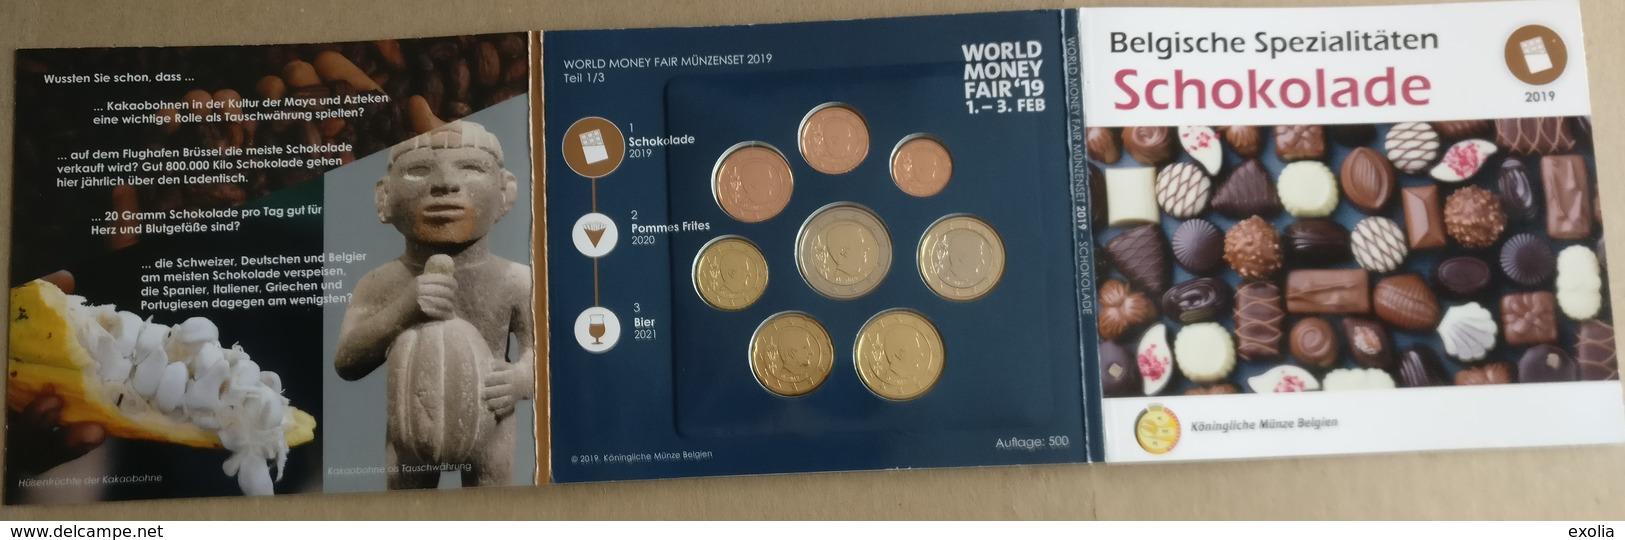 BU BELGIQUE 2019 CHOCOLAT WORLD MONEY FAIR BERLIN 500 EXEMPLAIRES TRES TRES RARE Lire Description Complète !!! - Belgique